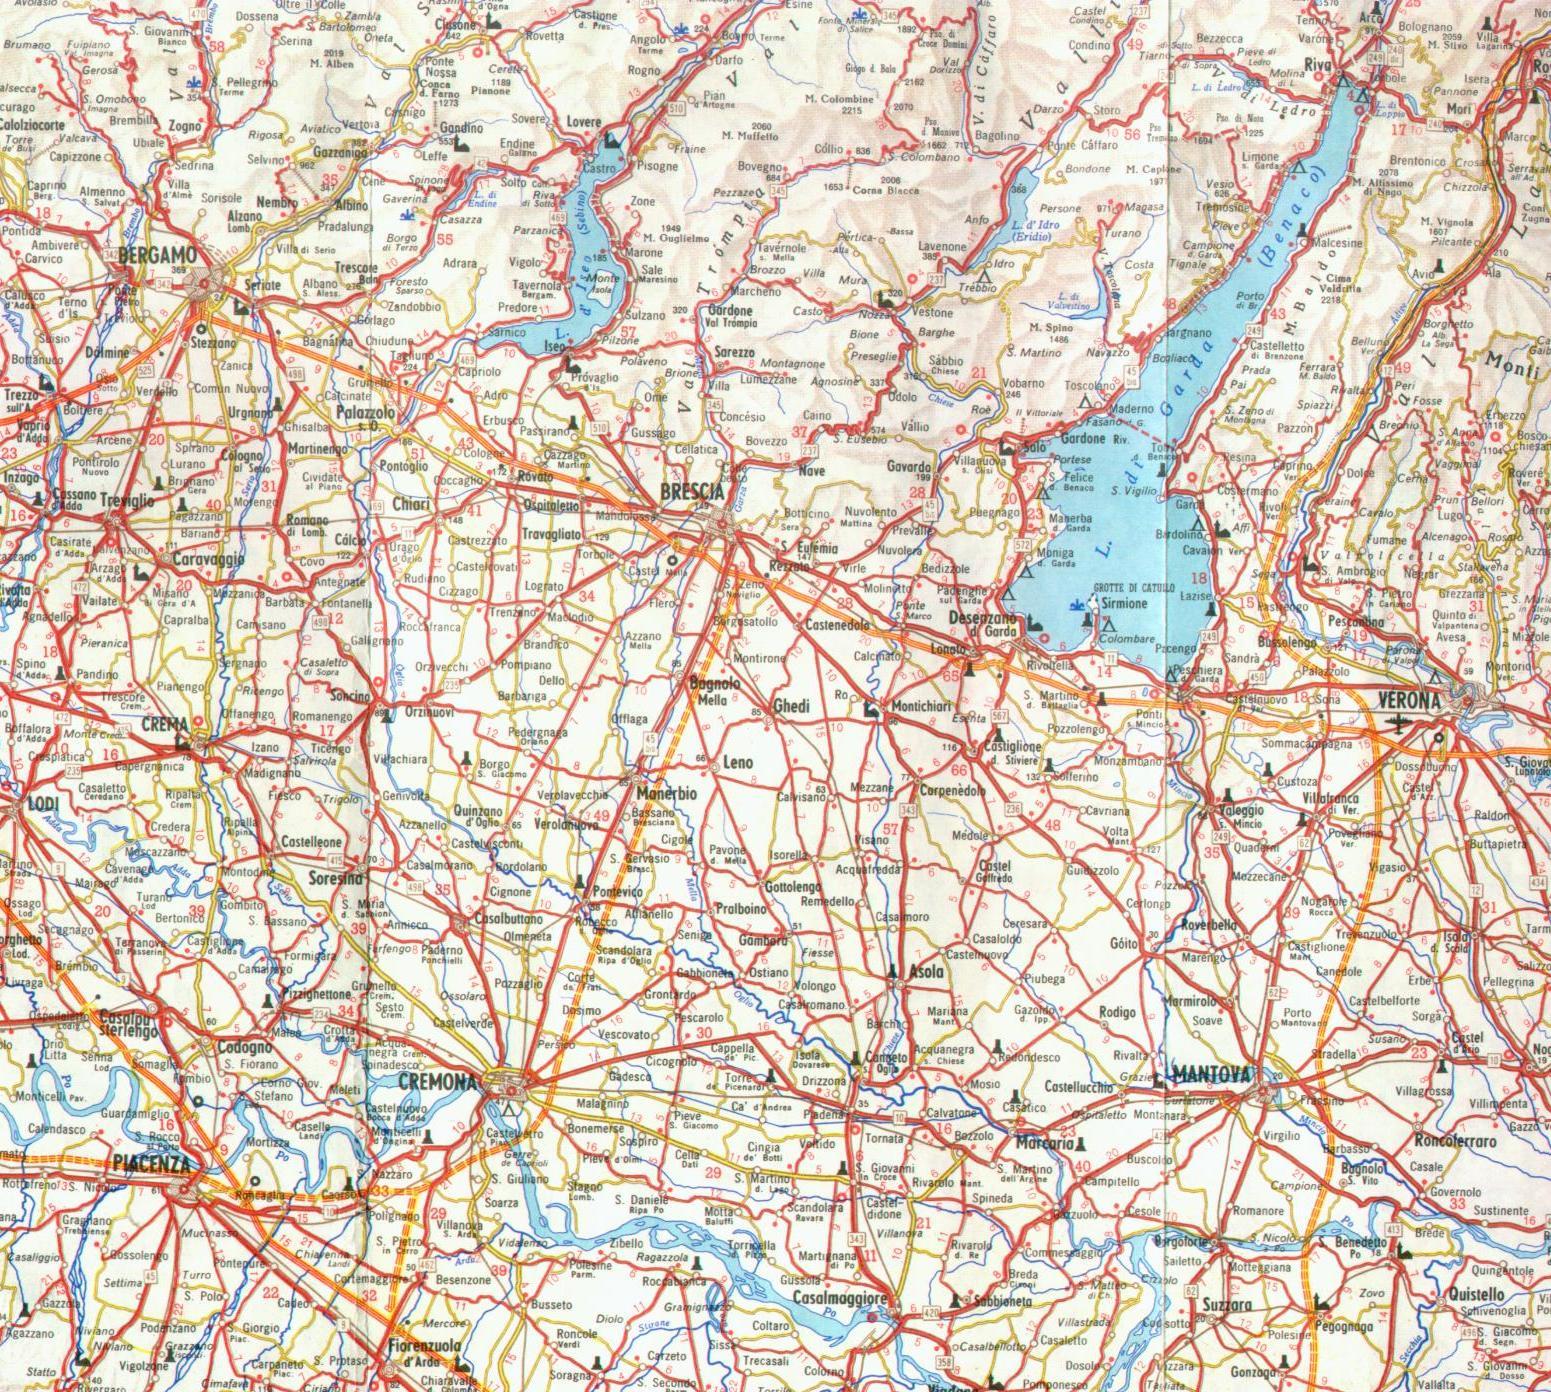 Cartina Autostradale Della Lombardia.Mappa Dettagliata Lombardia Sud Est